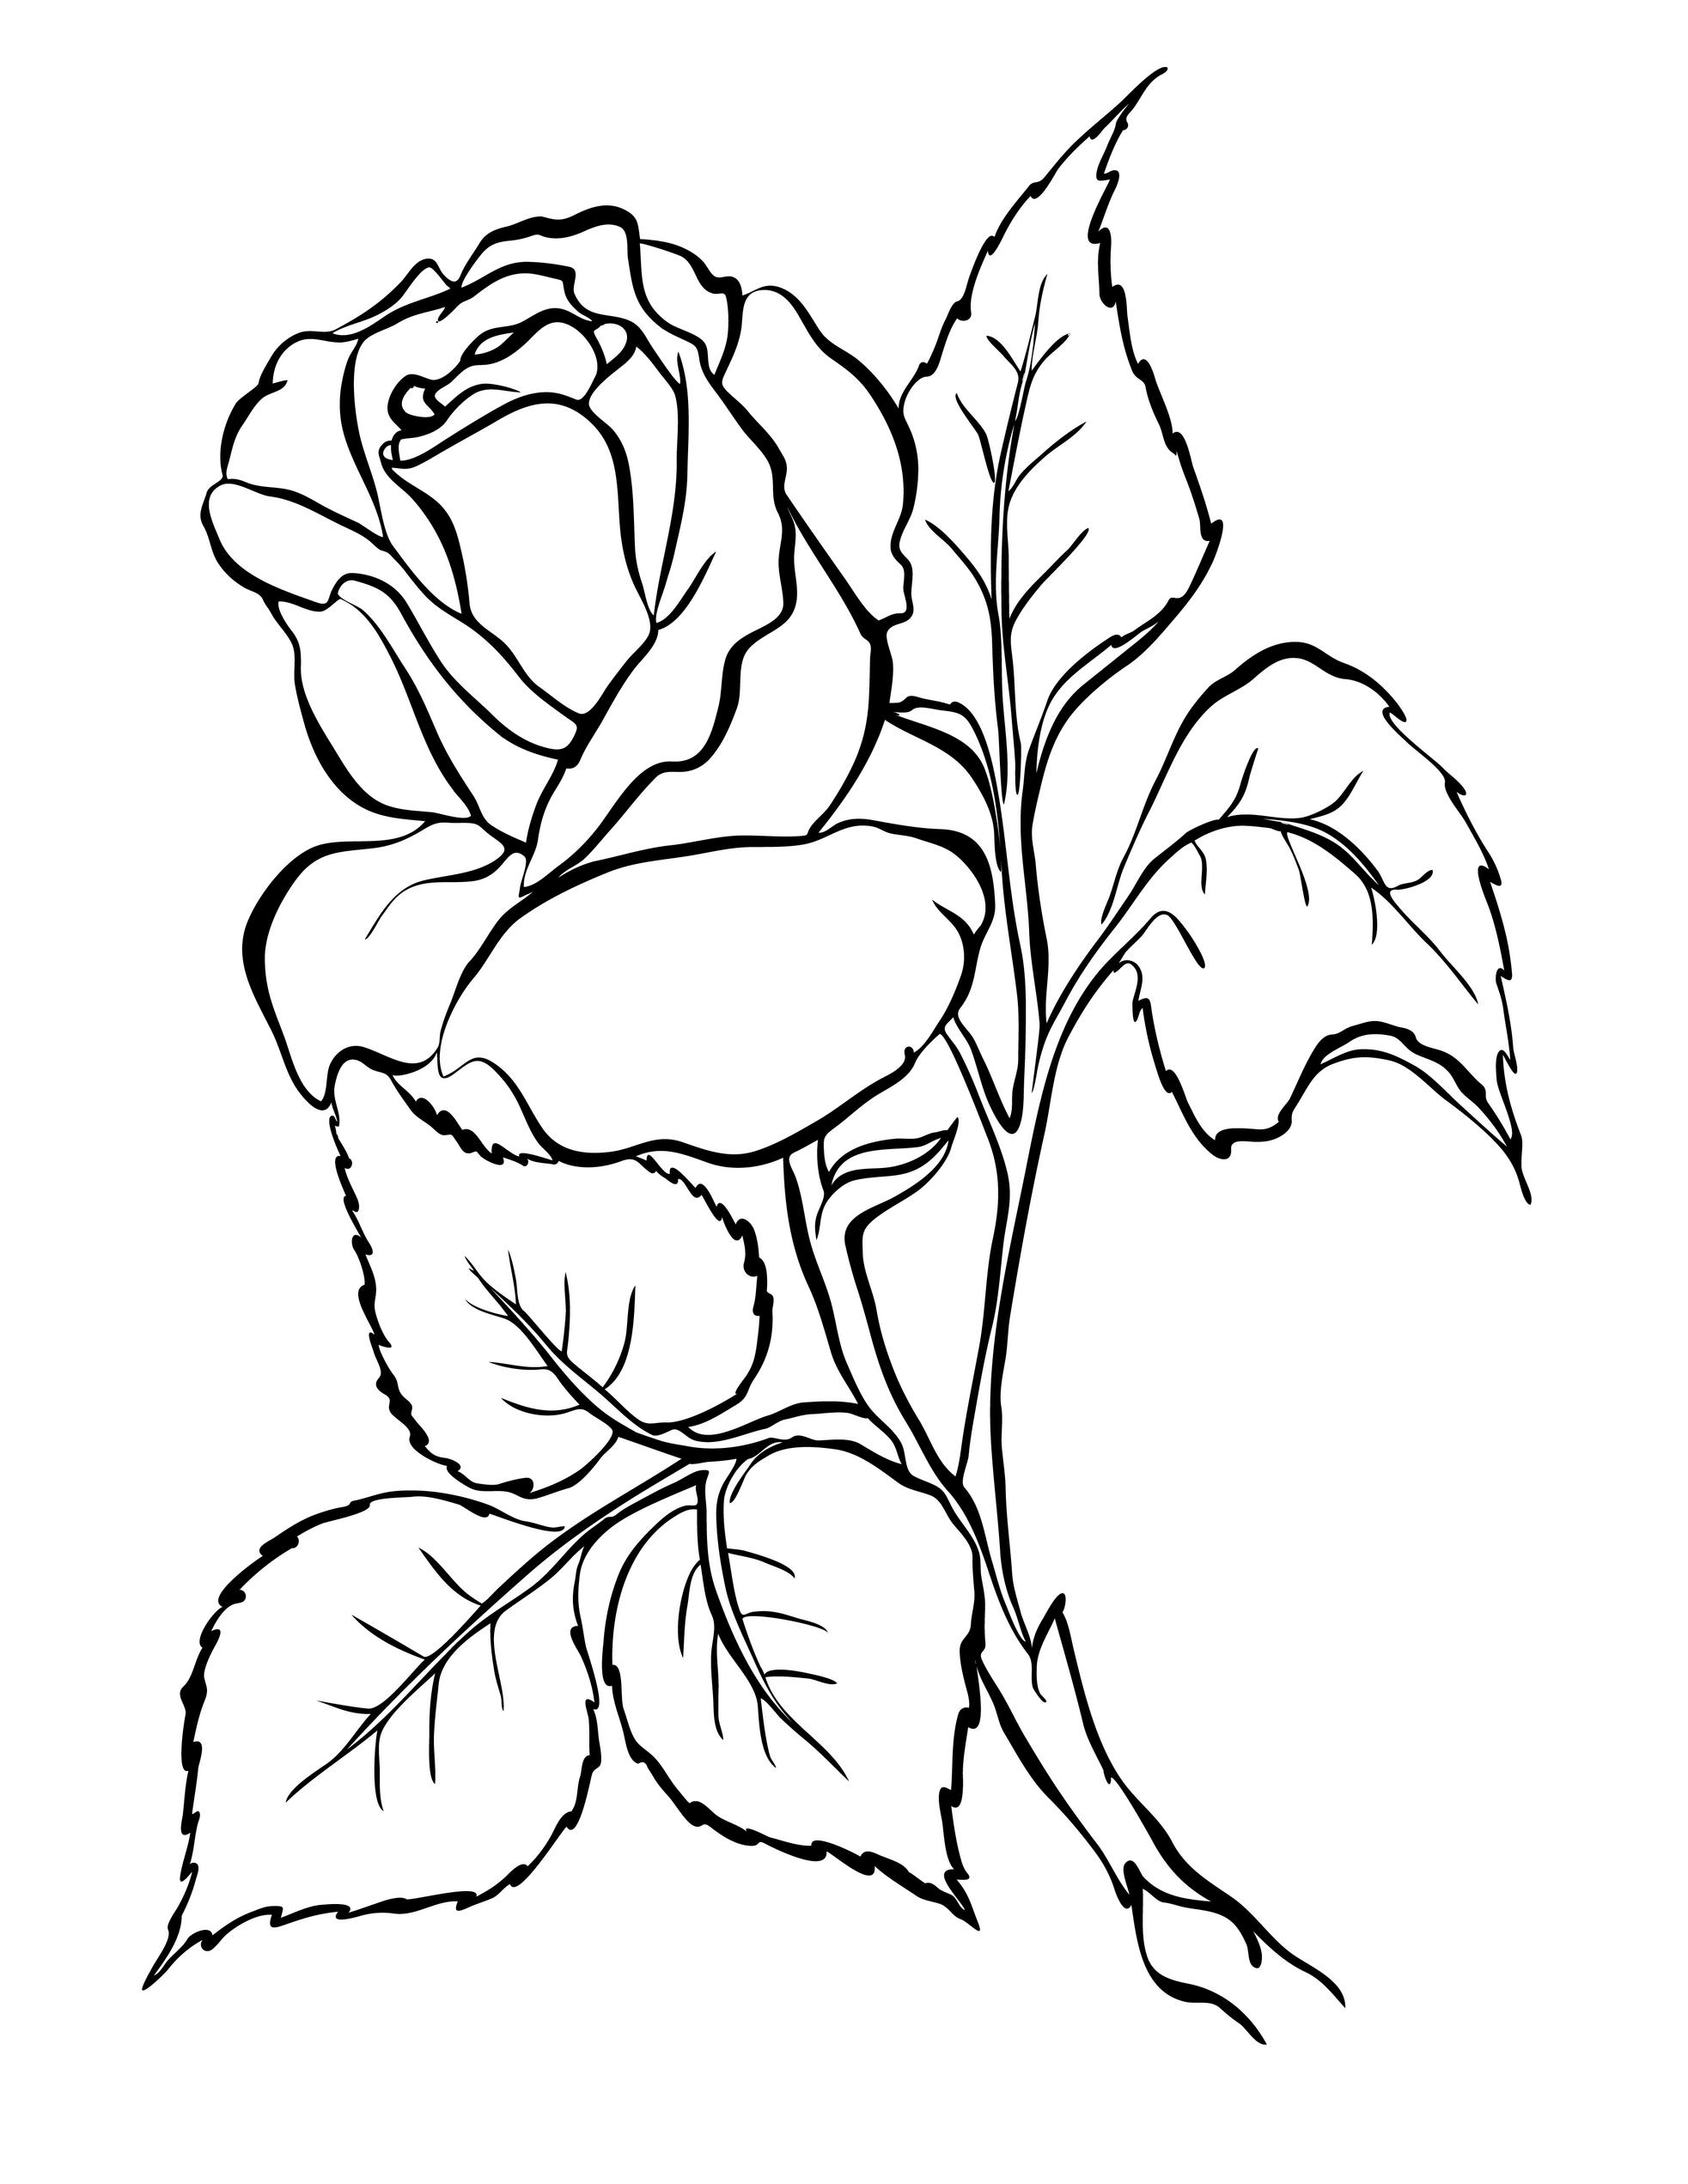 Colorat Pentru Copii Cu Trandafiri Imagini Cu Trandafiri Pentru